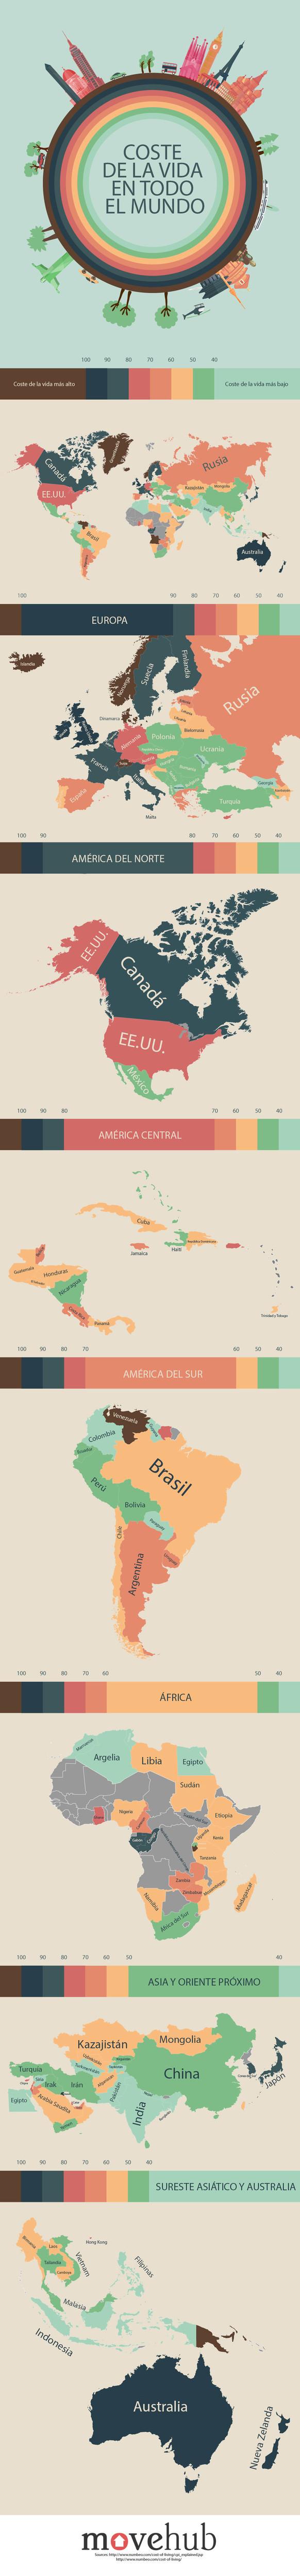 El coste de la vida en todo el Mundo